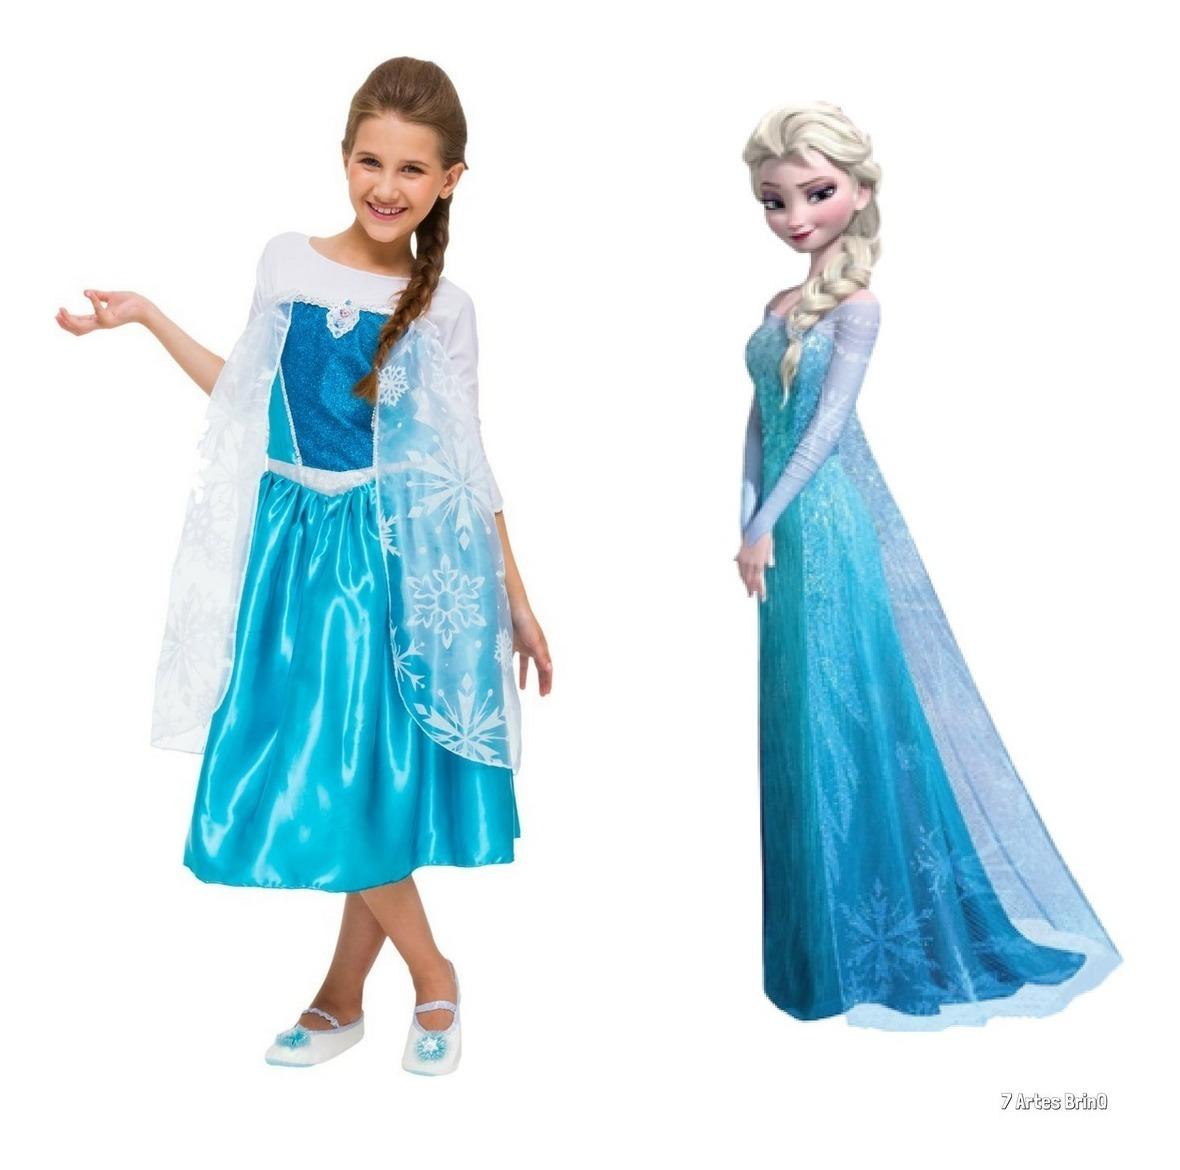 Fantasia Vestido Infantil Elsa Frozen Princesa Disney Origin